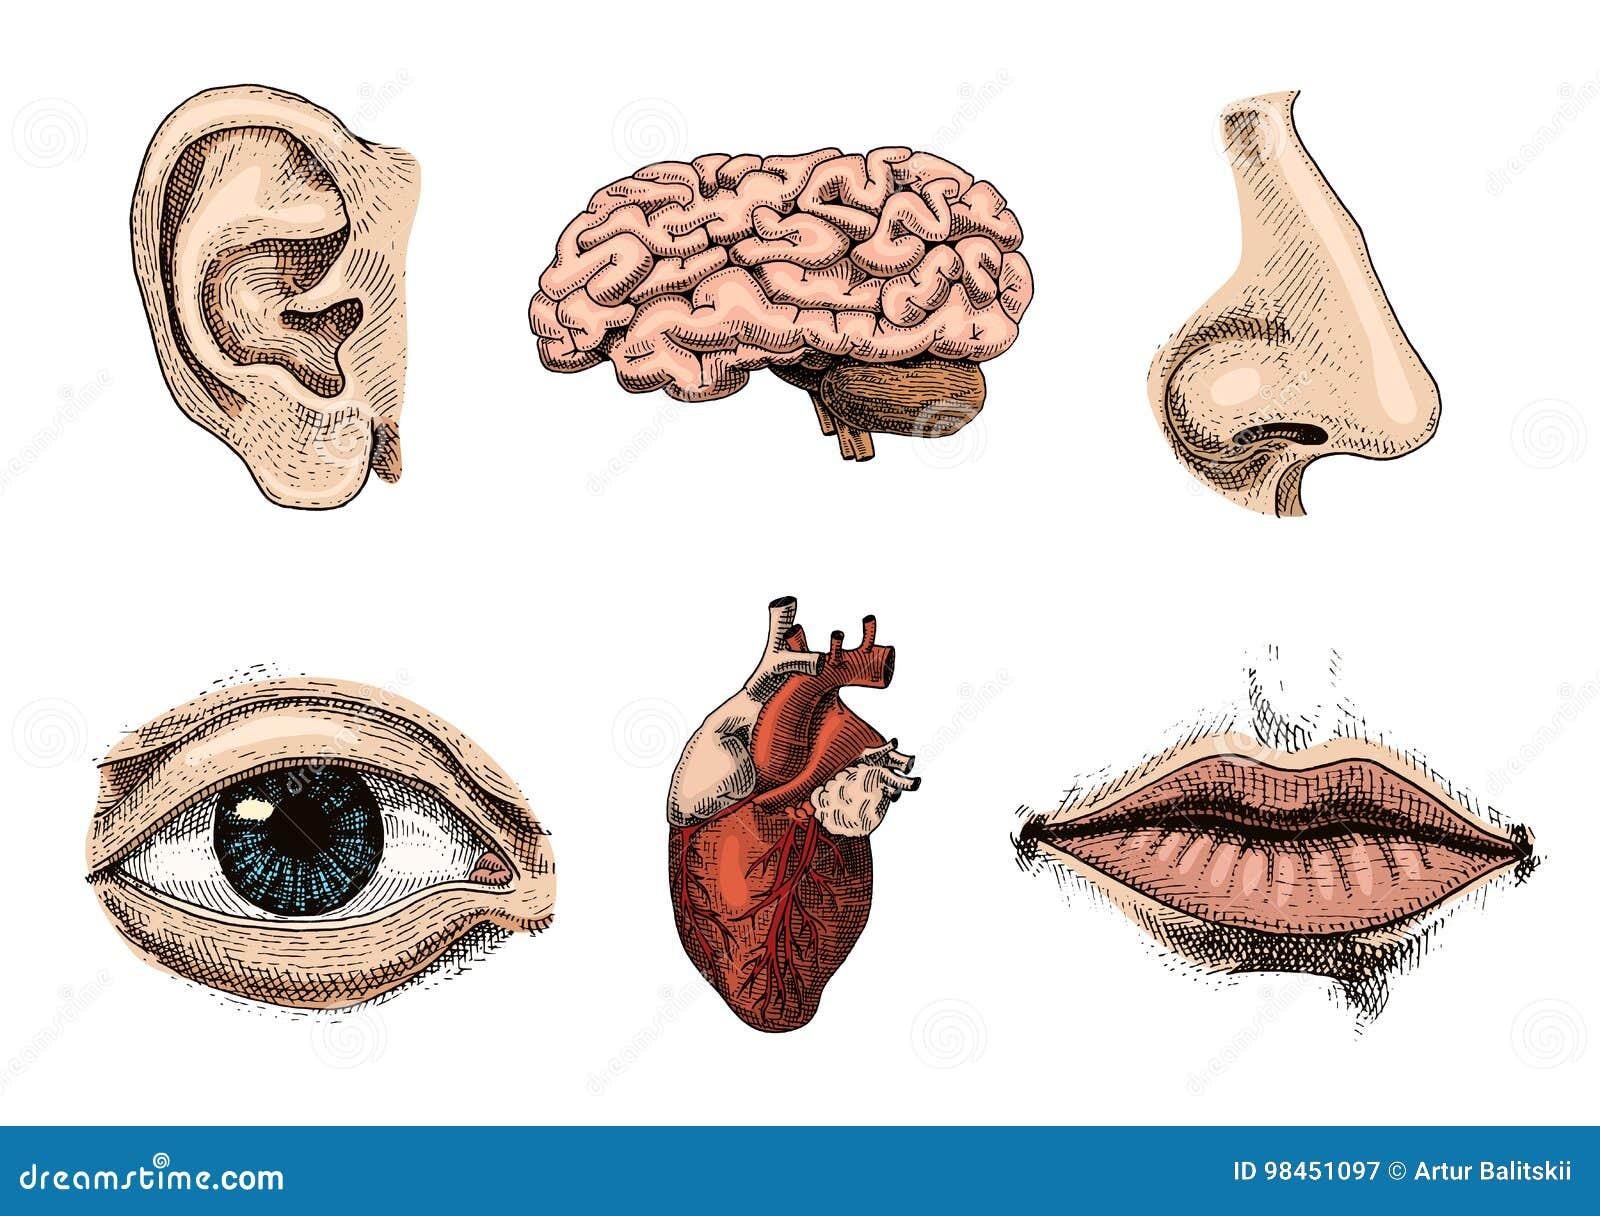 Nett Anatomie Des Augenlides Fotos - Anatomie Ideen - finotti.info